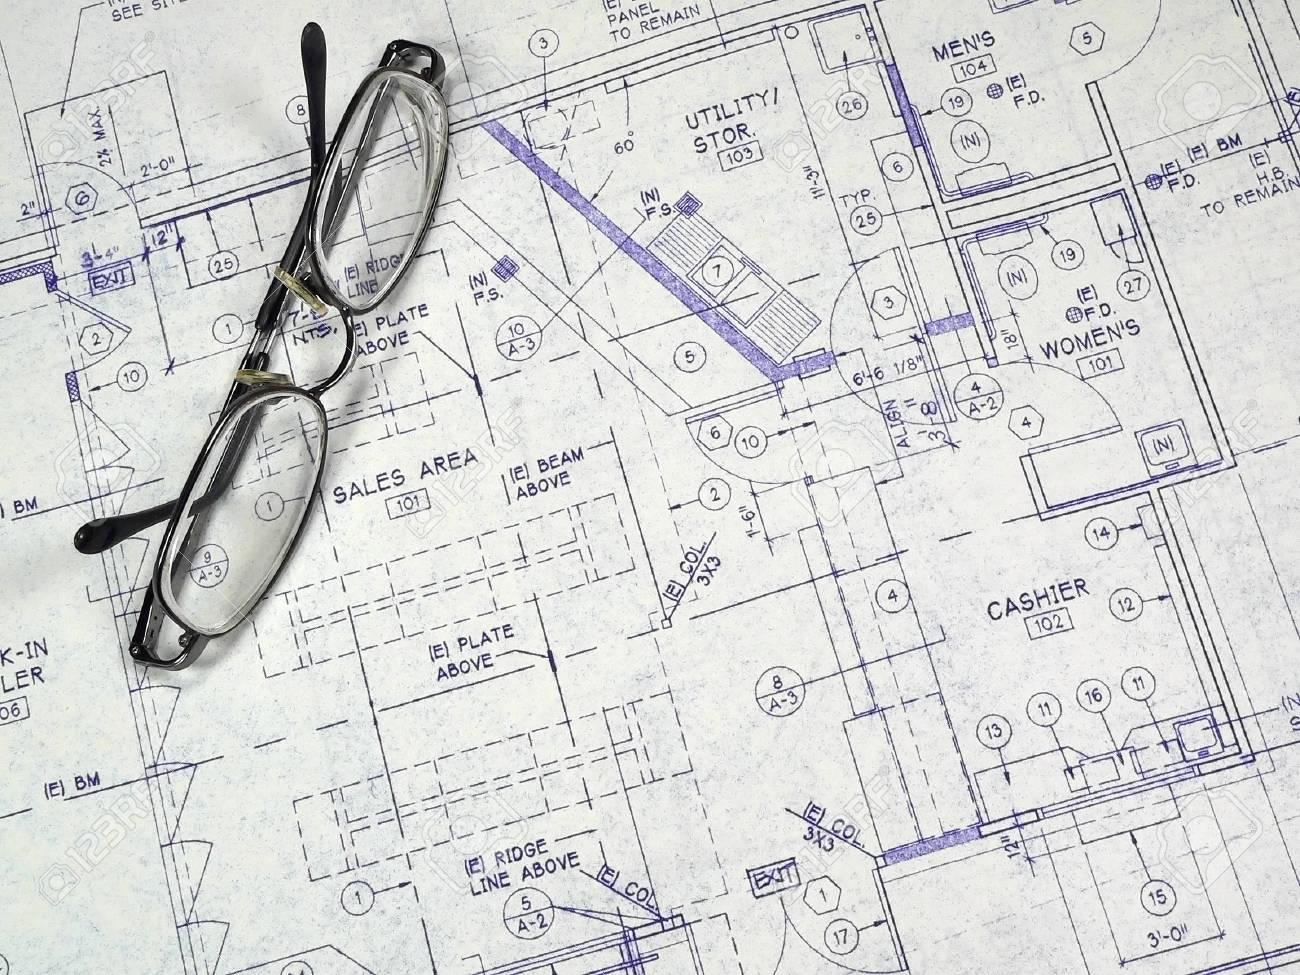 Diseo blueprint fotos retratos imgenes y fotografa de archivo diseo blueprint foto de archivo 676761 malvernweather Image collections